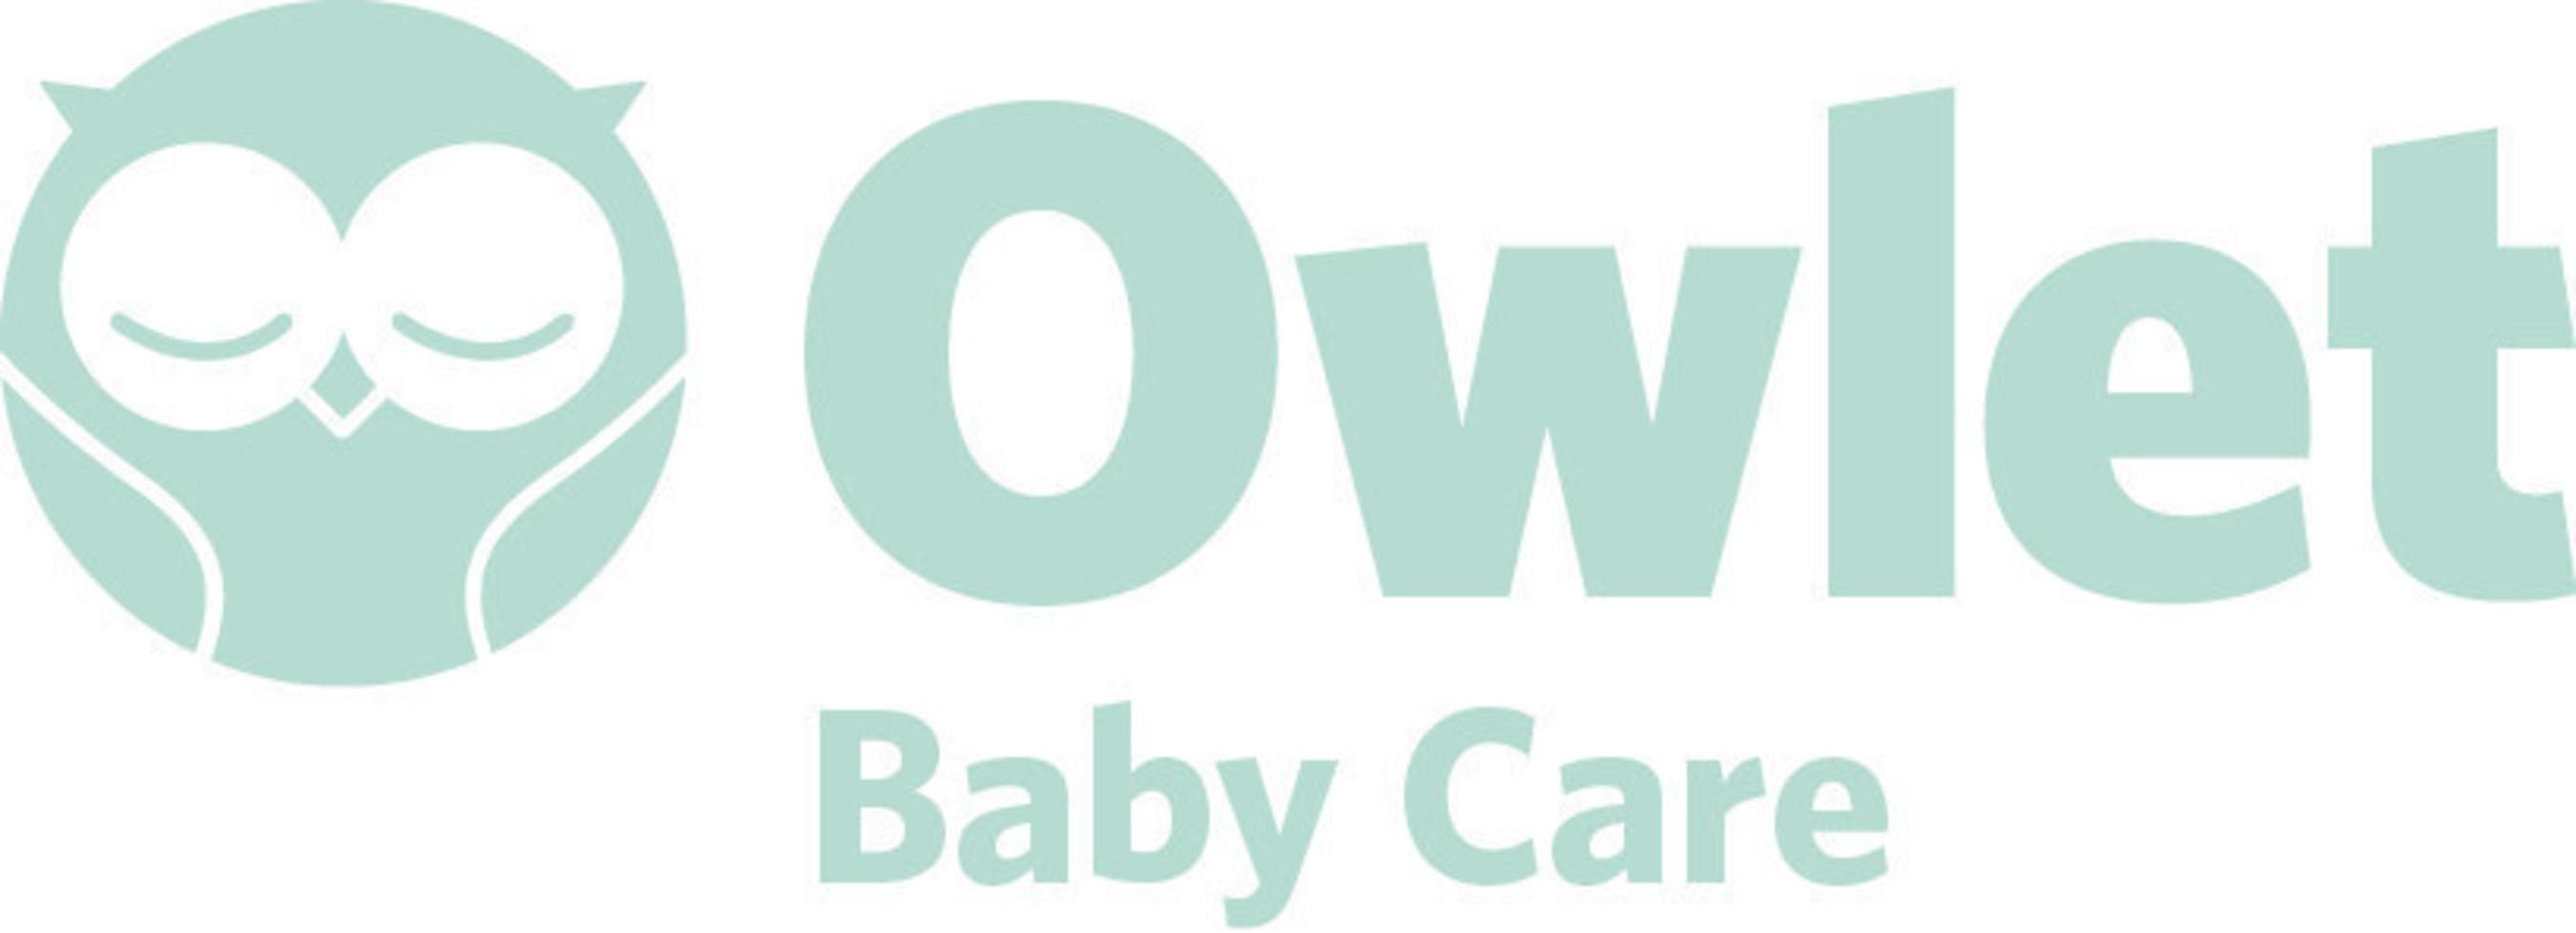 Owlet Raises $15 Million in New Funding